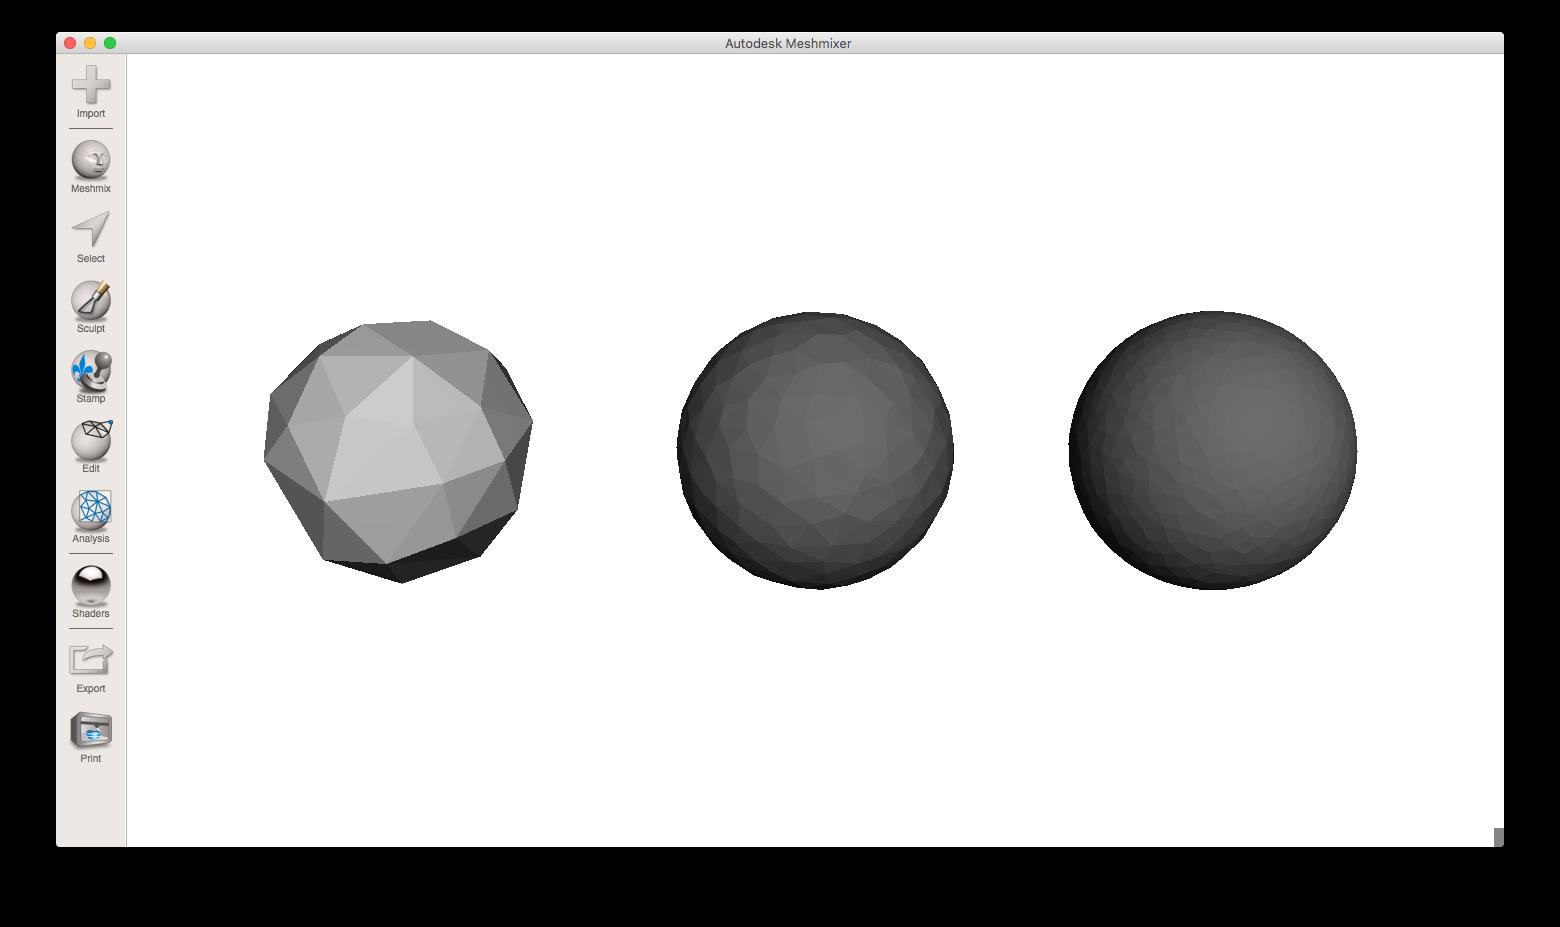 یک کره در سه کیفیت STL متفاوت